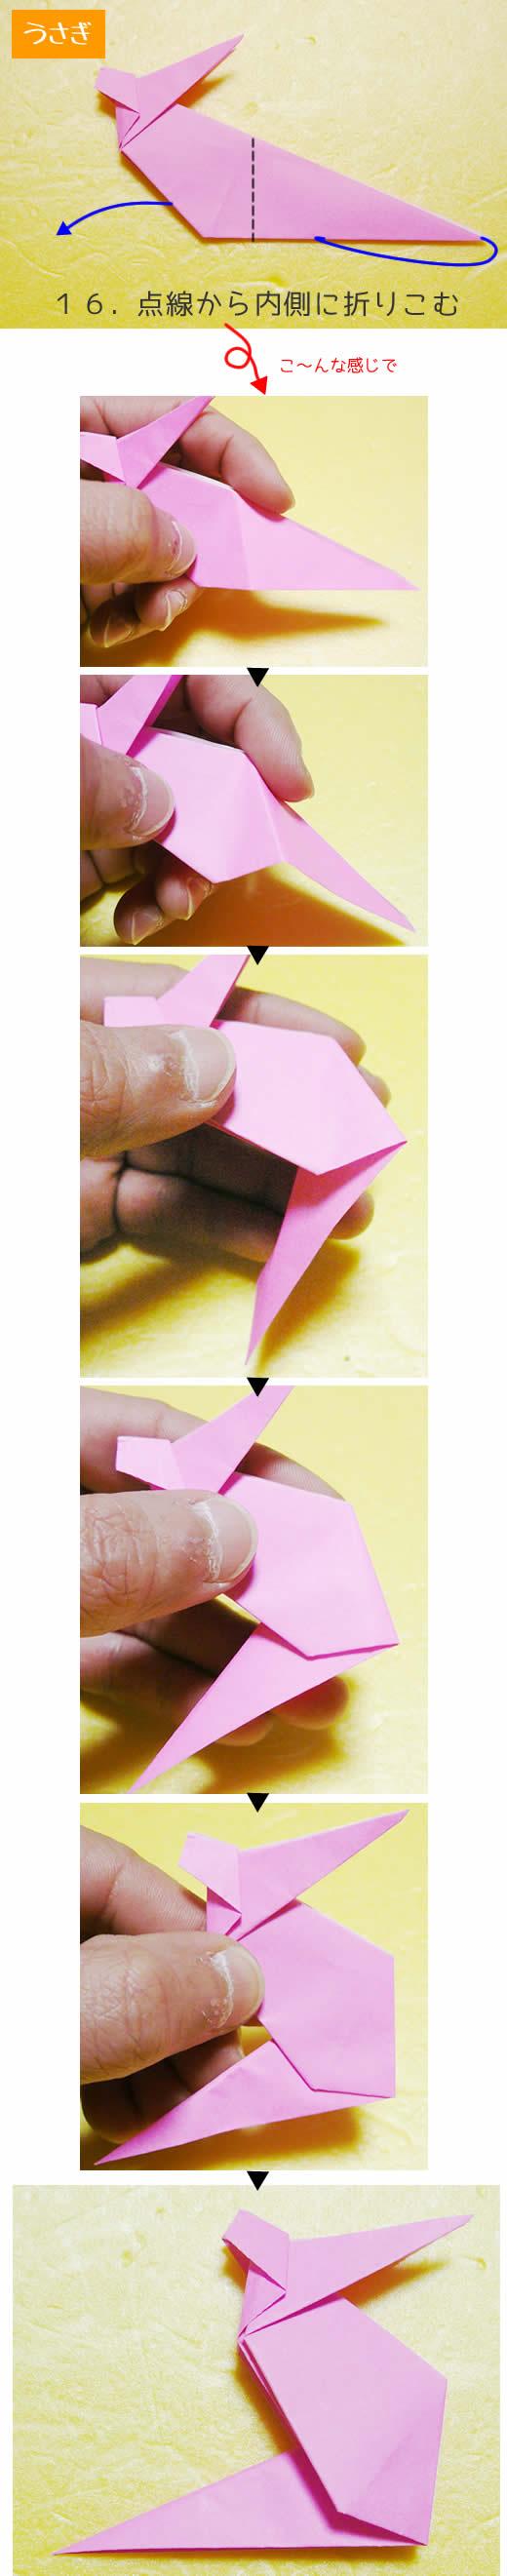 うさぎの折り方16